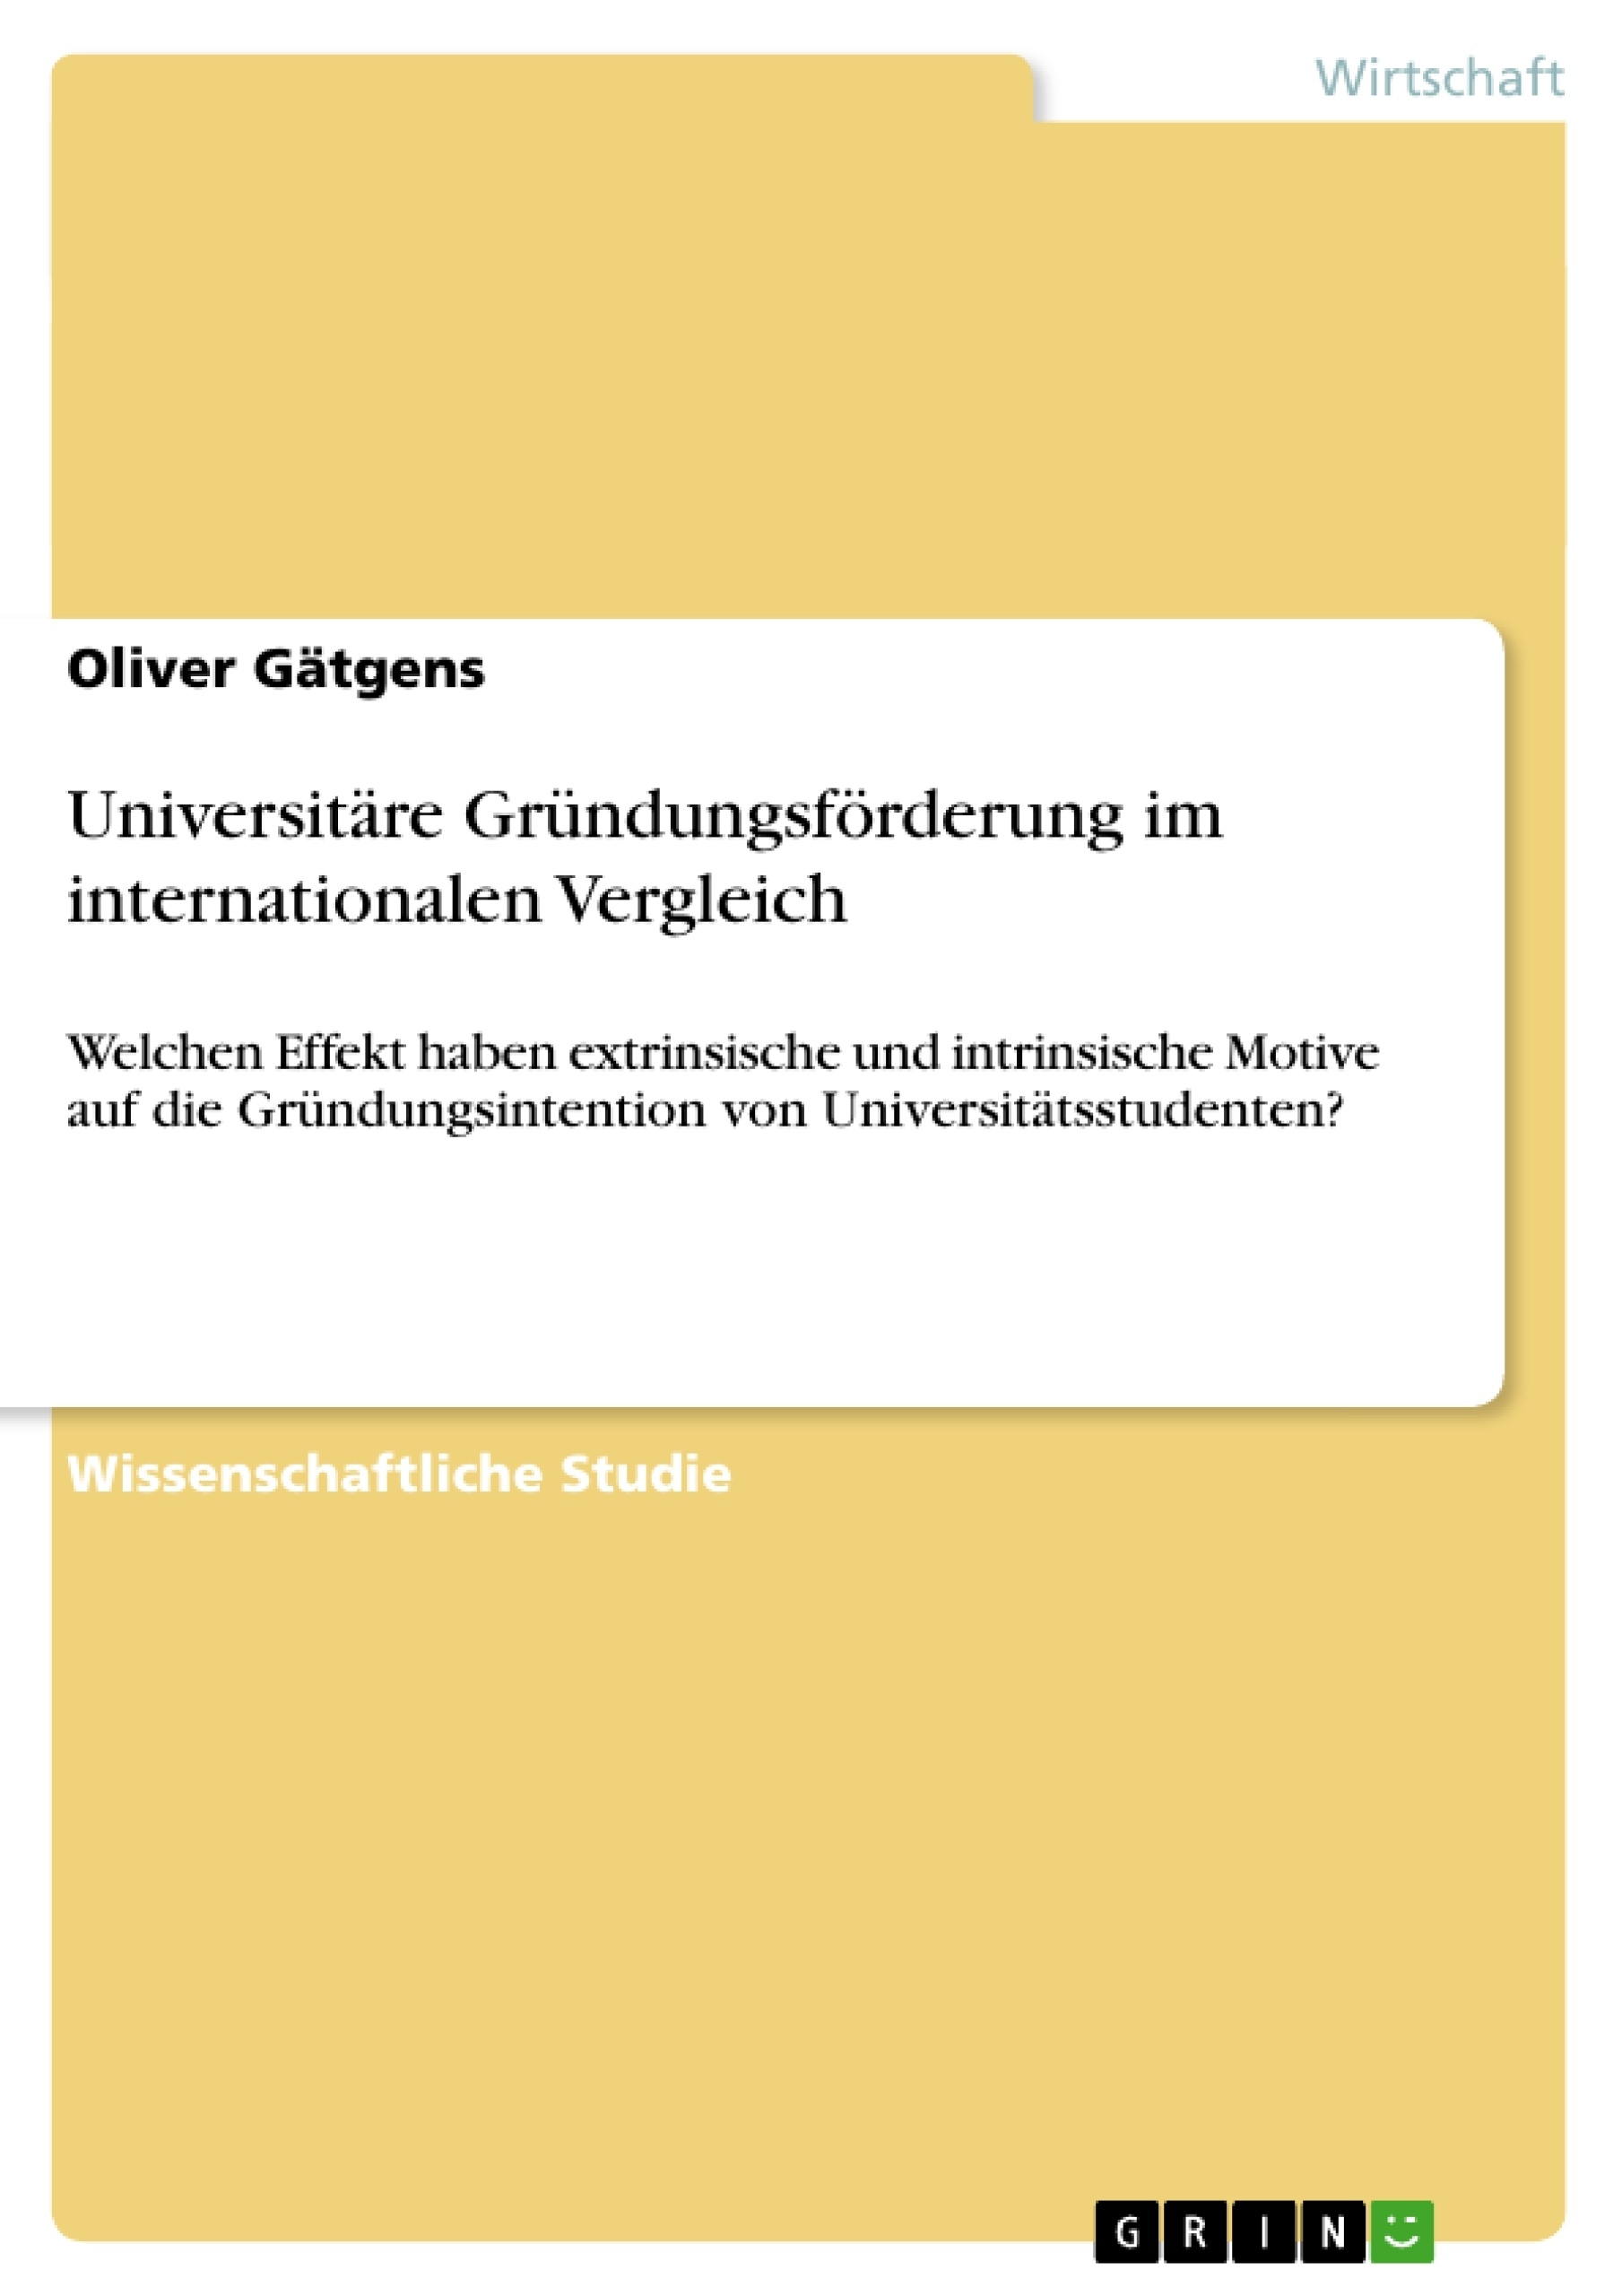 Titel: Universitäre Gründungsförderung im internationalen Vergleich